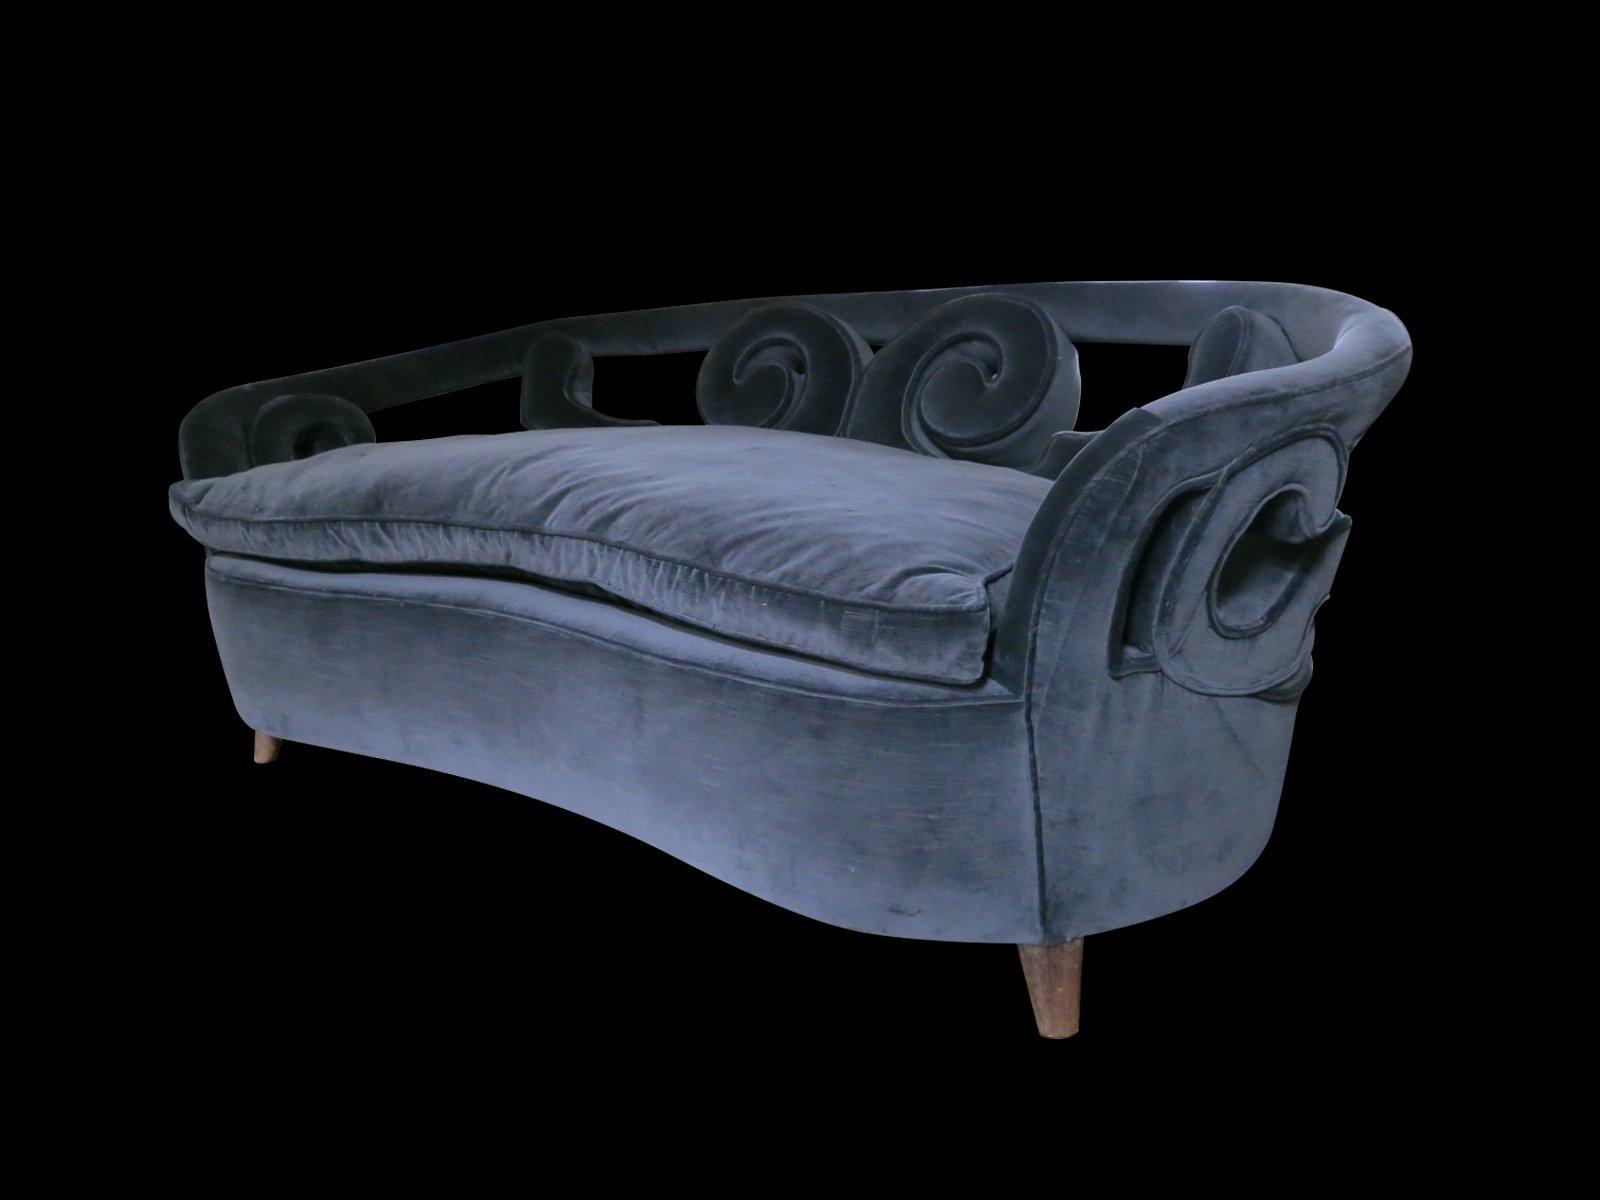 italienisches mid century zwei sitzer sofa mit geschwungener r ckenlehne bei pamono kaufen. Black Bedroom Furniture Sets. Home Design Ideas